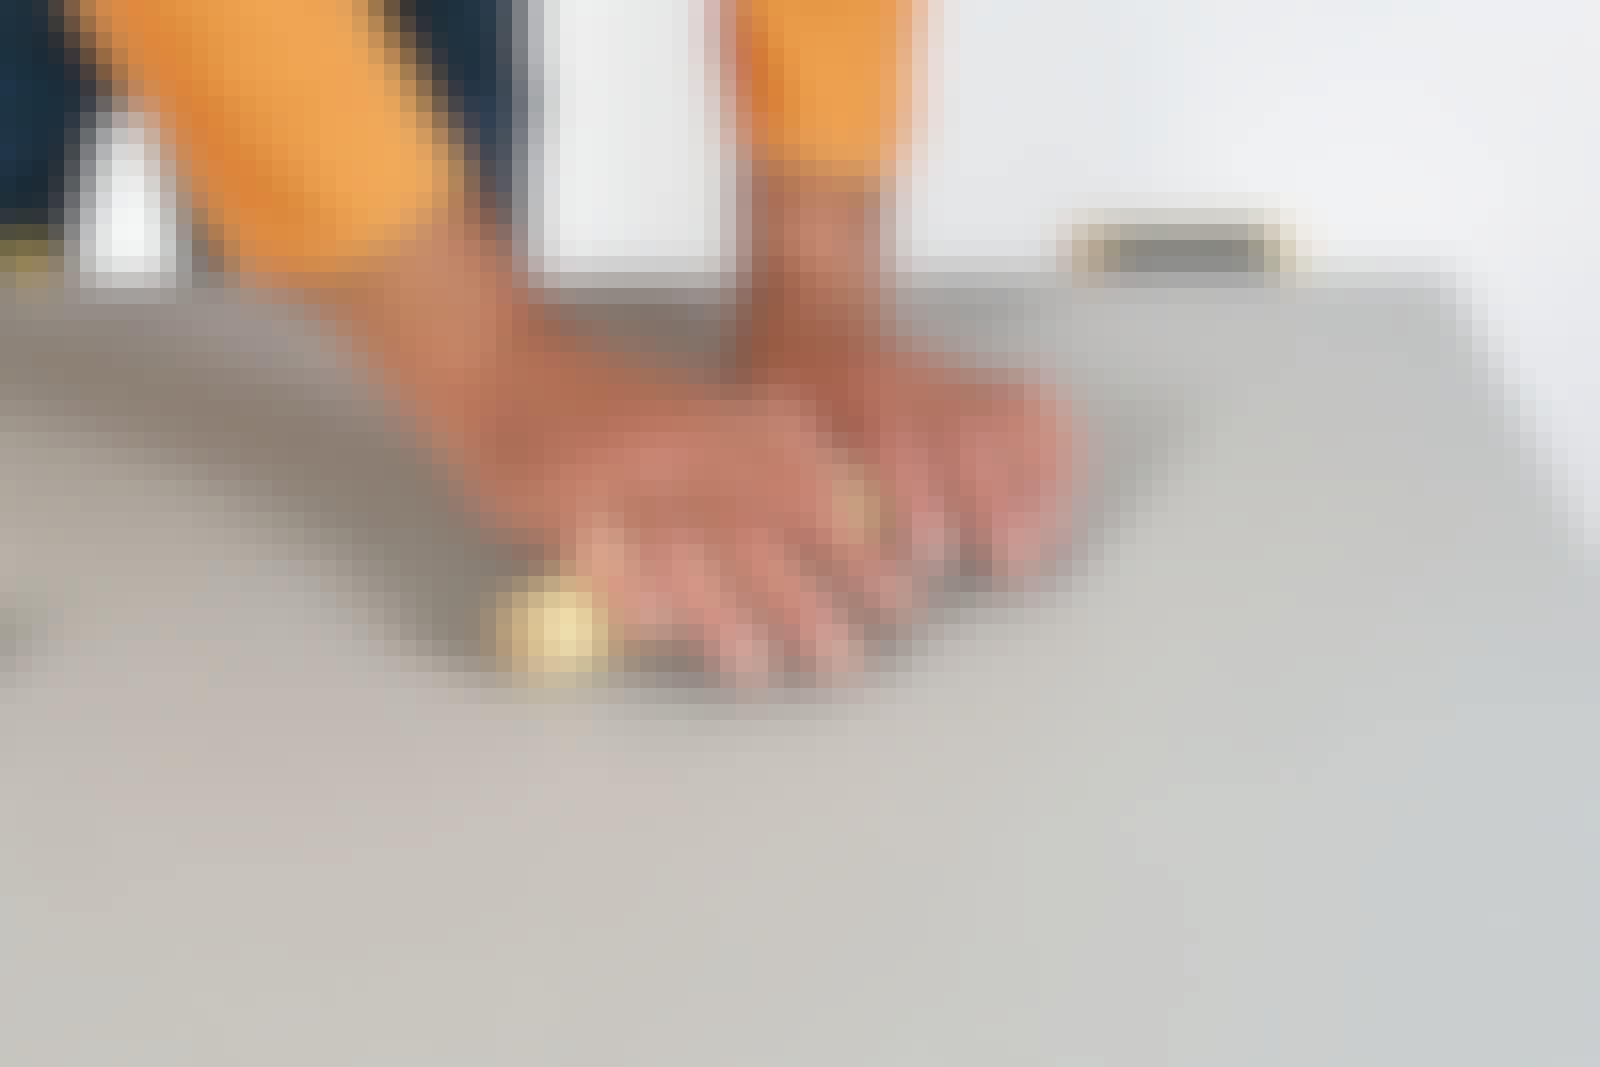 Linoleum: Her rettes linoleumet ut med en tykk rundstokk.